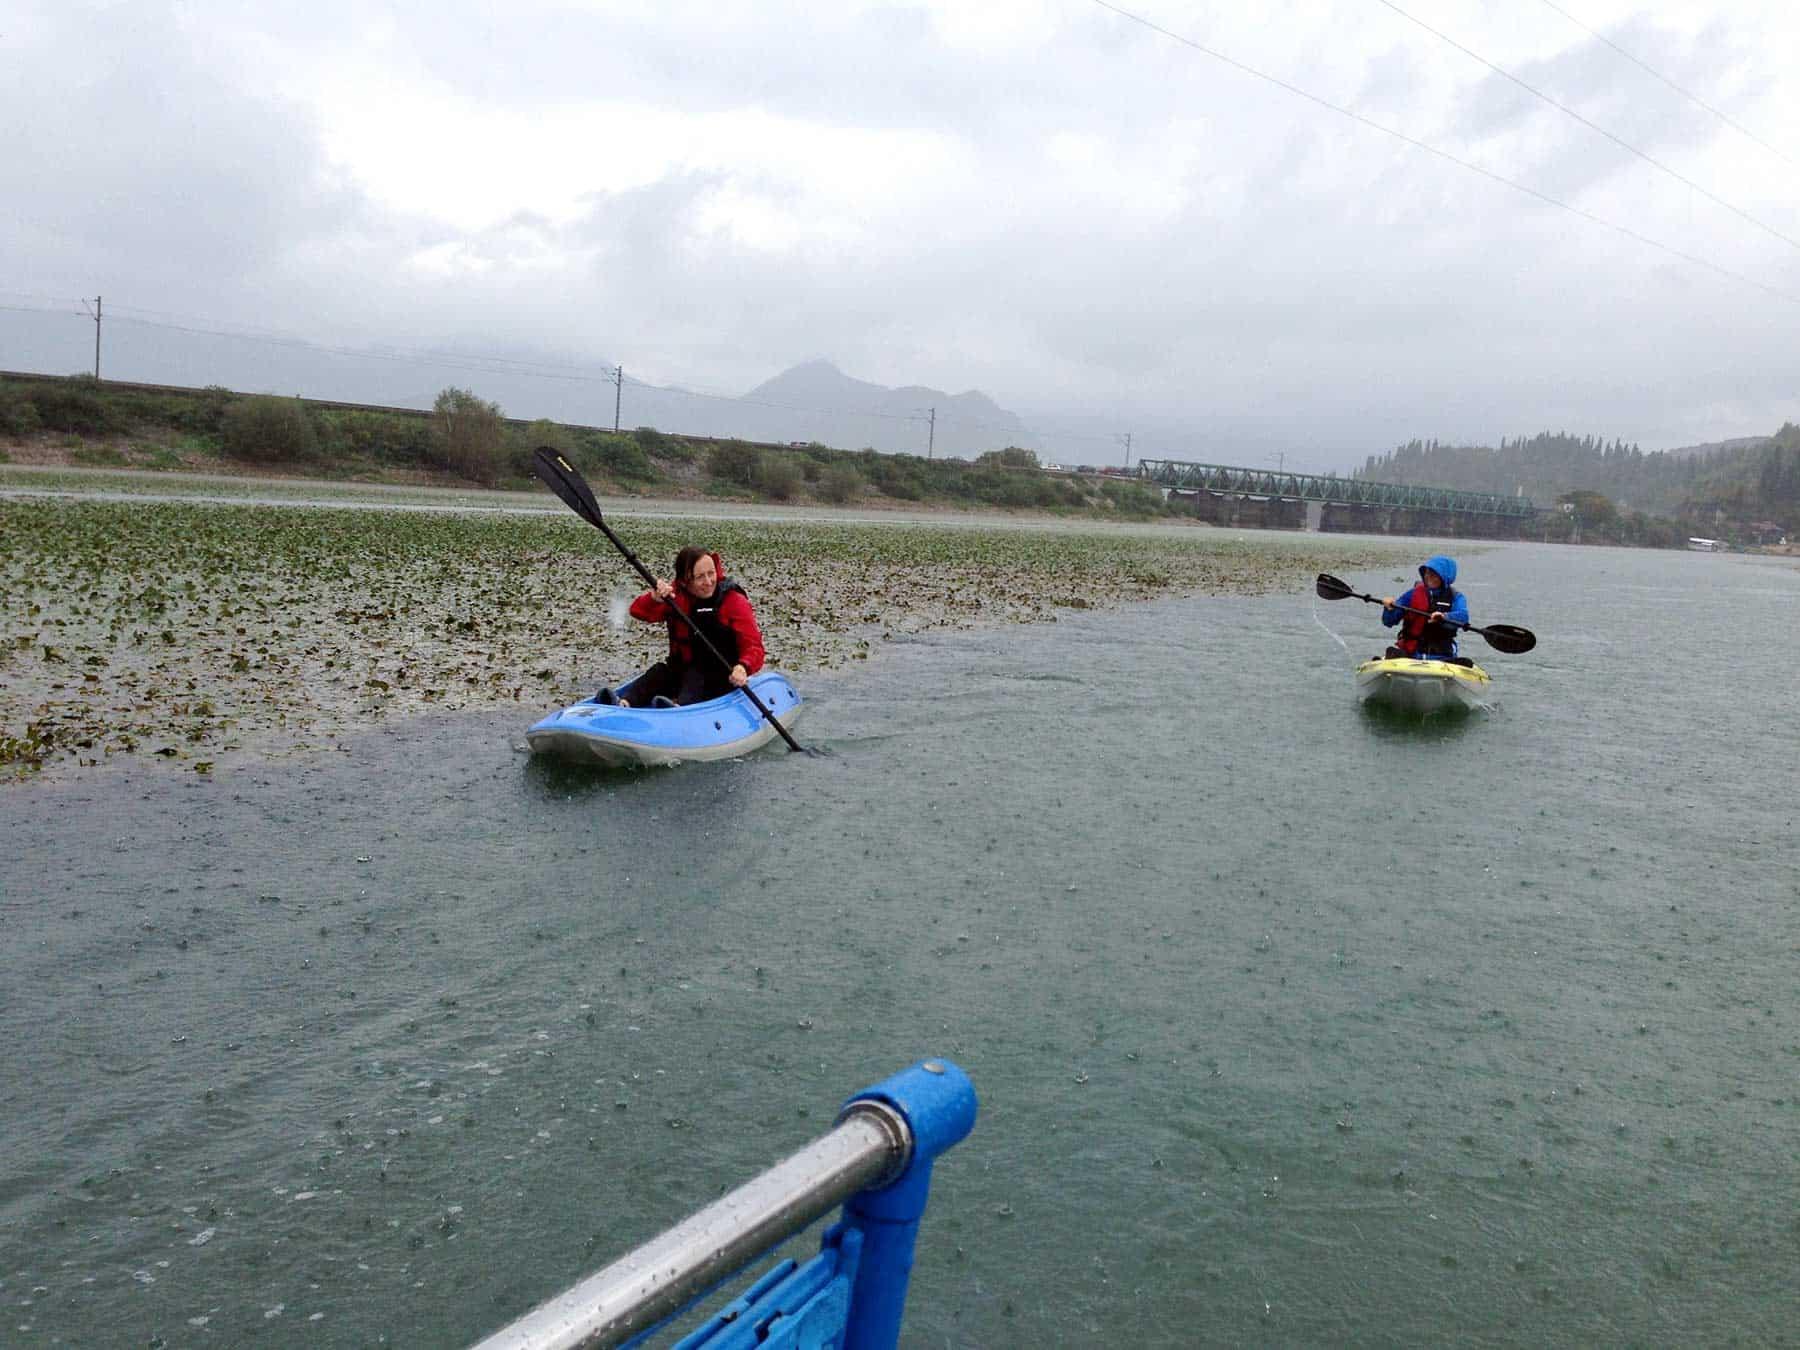 People enjoy kayaking on Skadar Lake